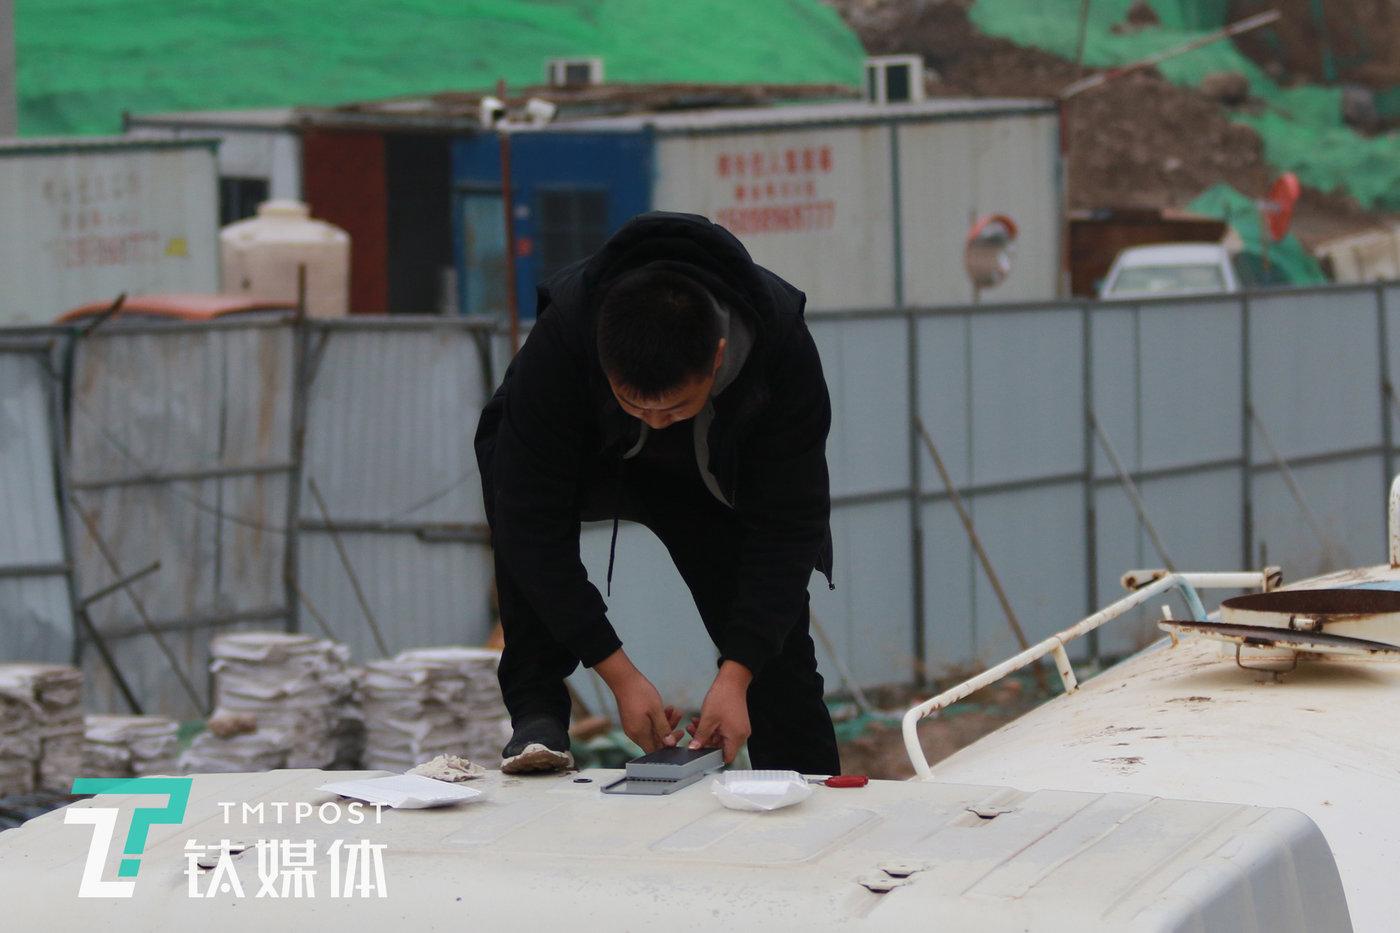 机械指挥官销售员陈兵在一台洒水车车顶安装智能终端。